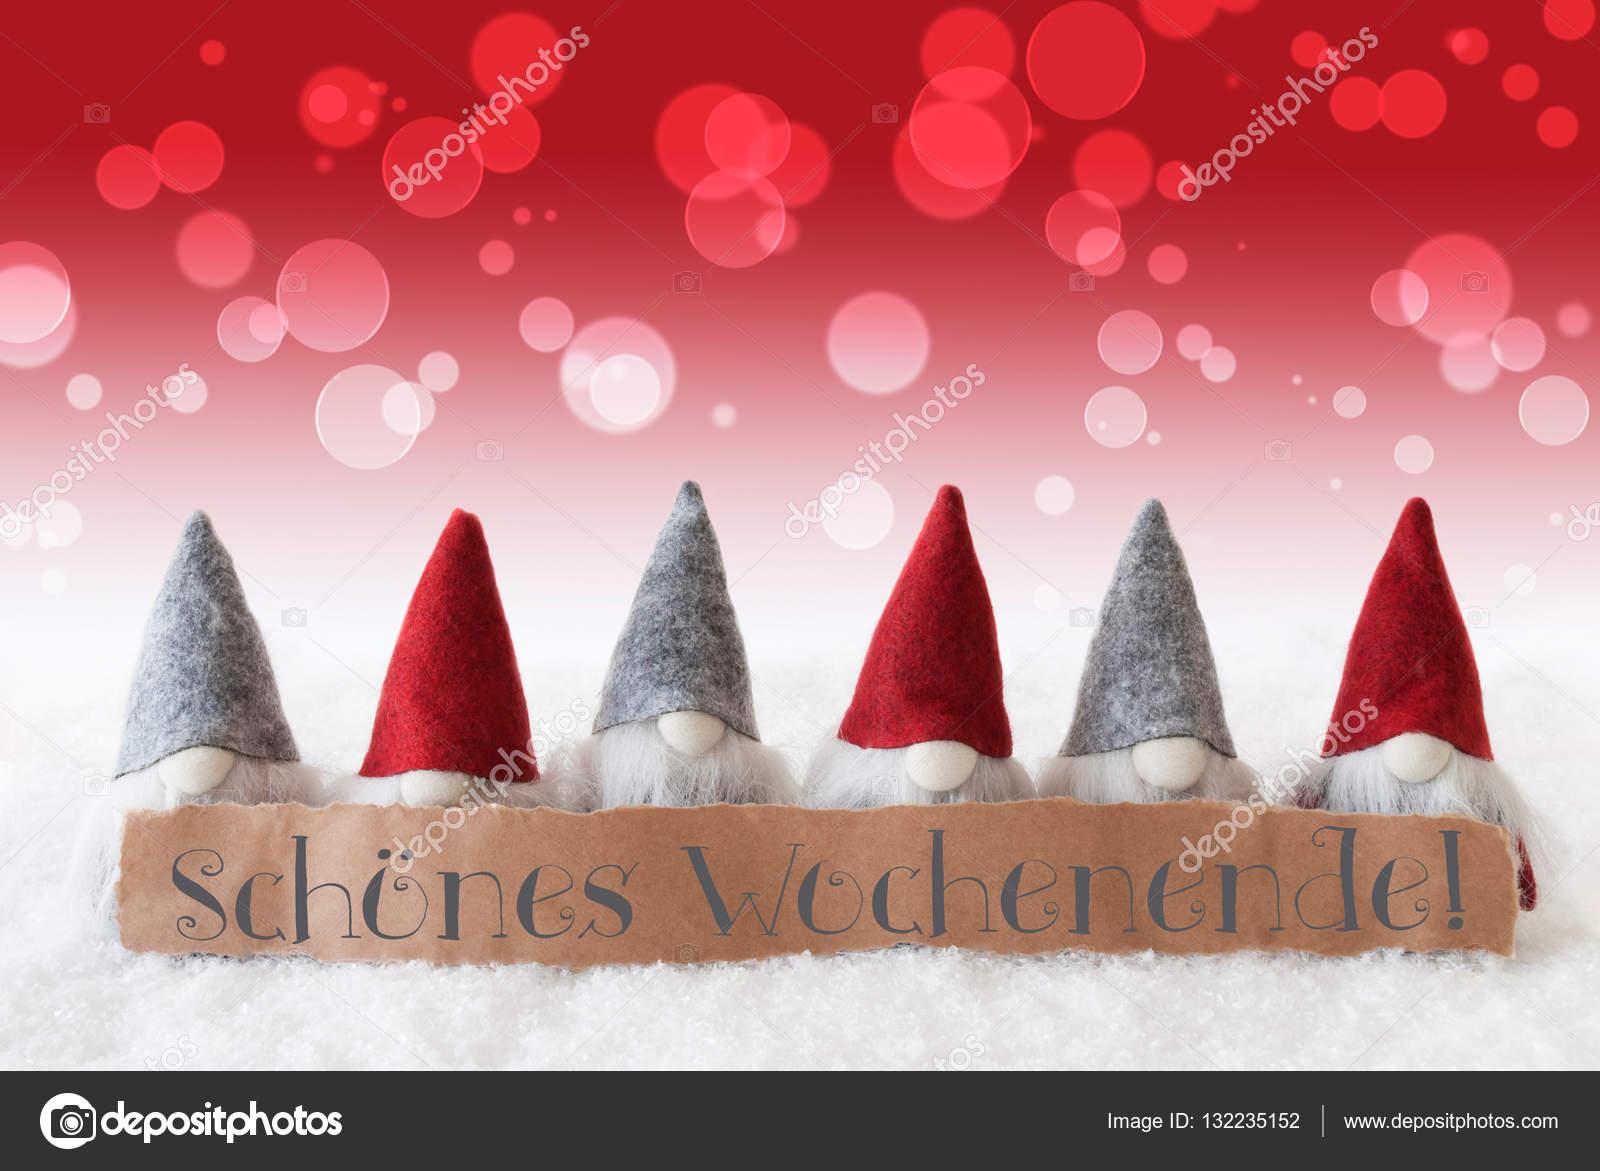 Auguri Matrimonio In Tedesco : Gnomi sfondo rosso bokeh schoenes wochenende significa